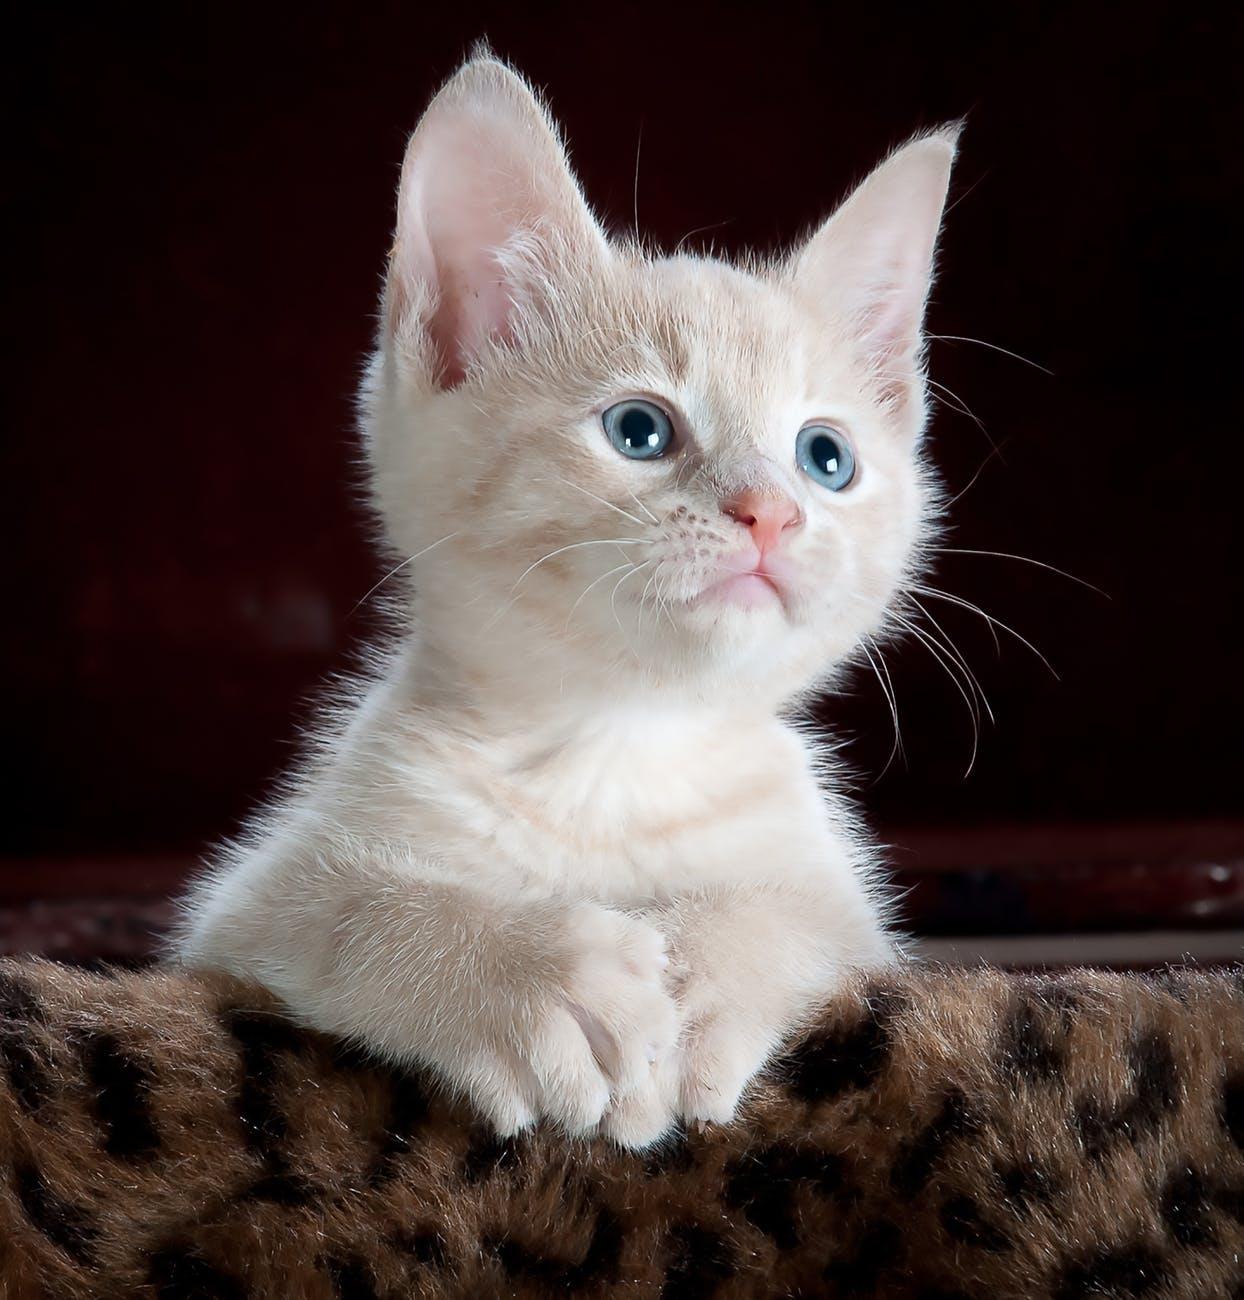 kitten White Cat Images